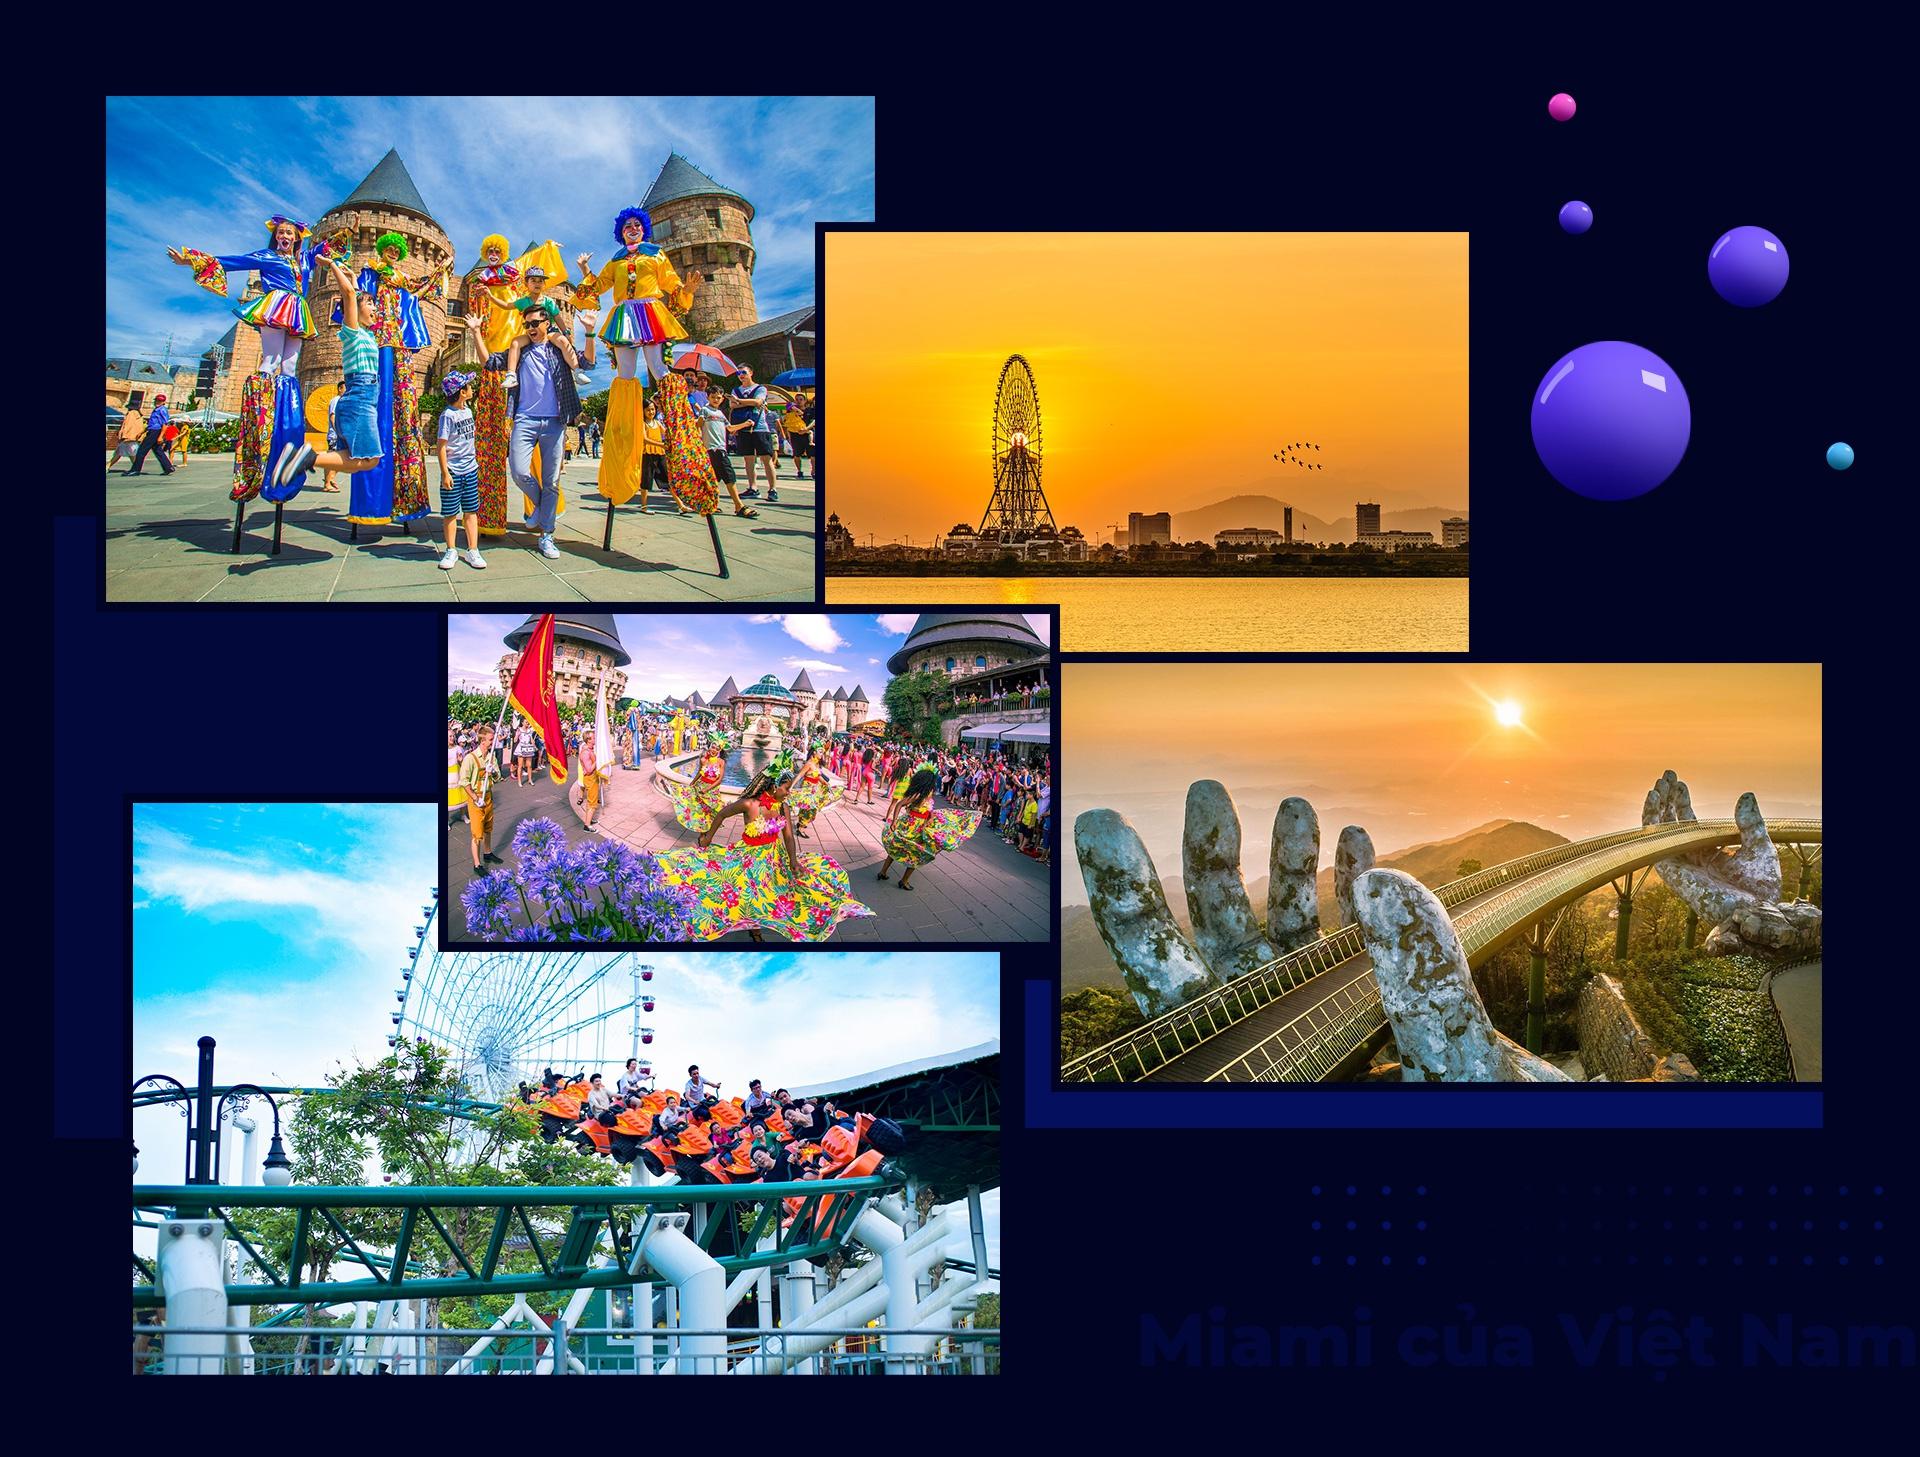 """Có một Đà Nẵng sôi động tại Bà Nà Hills với thế giới lễ hội cuồng say, một Đà Nẵng """"cười thả ga, chơi thả phanh"""" tại Sun World Danang Wonders, khu du lịch Núi Thần Tài."""